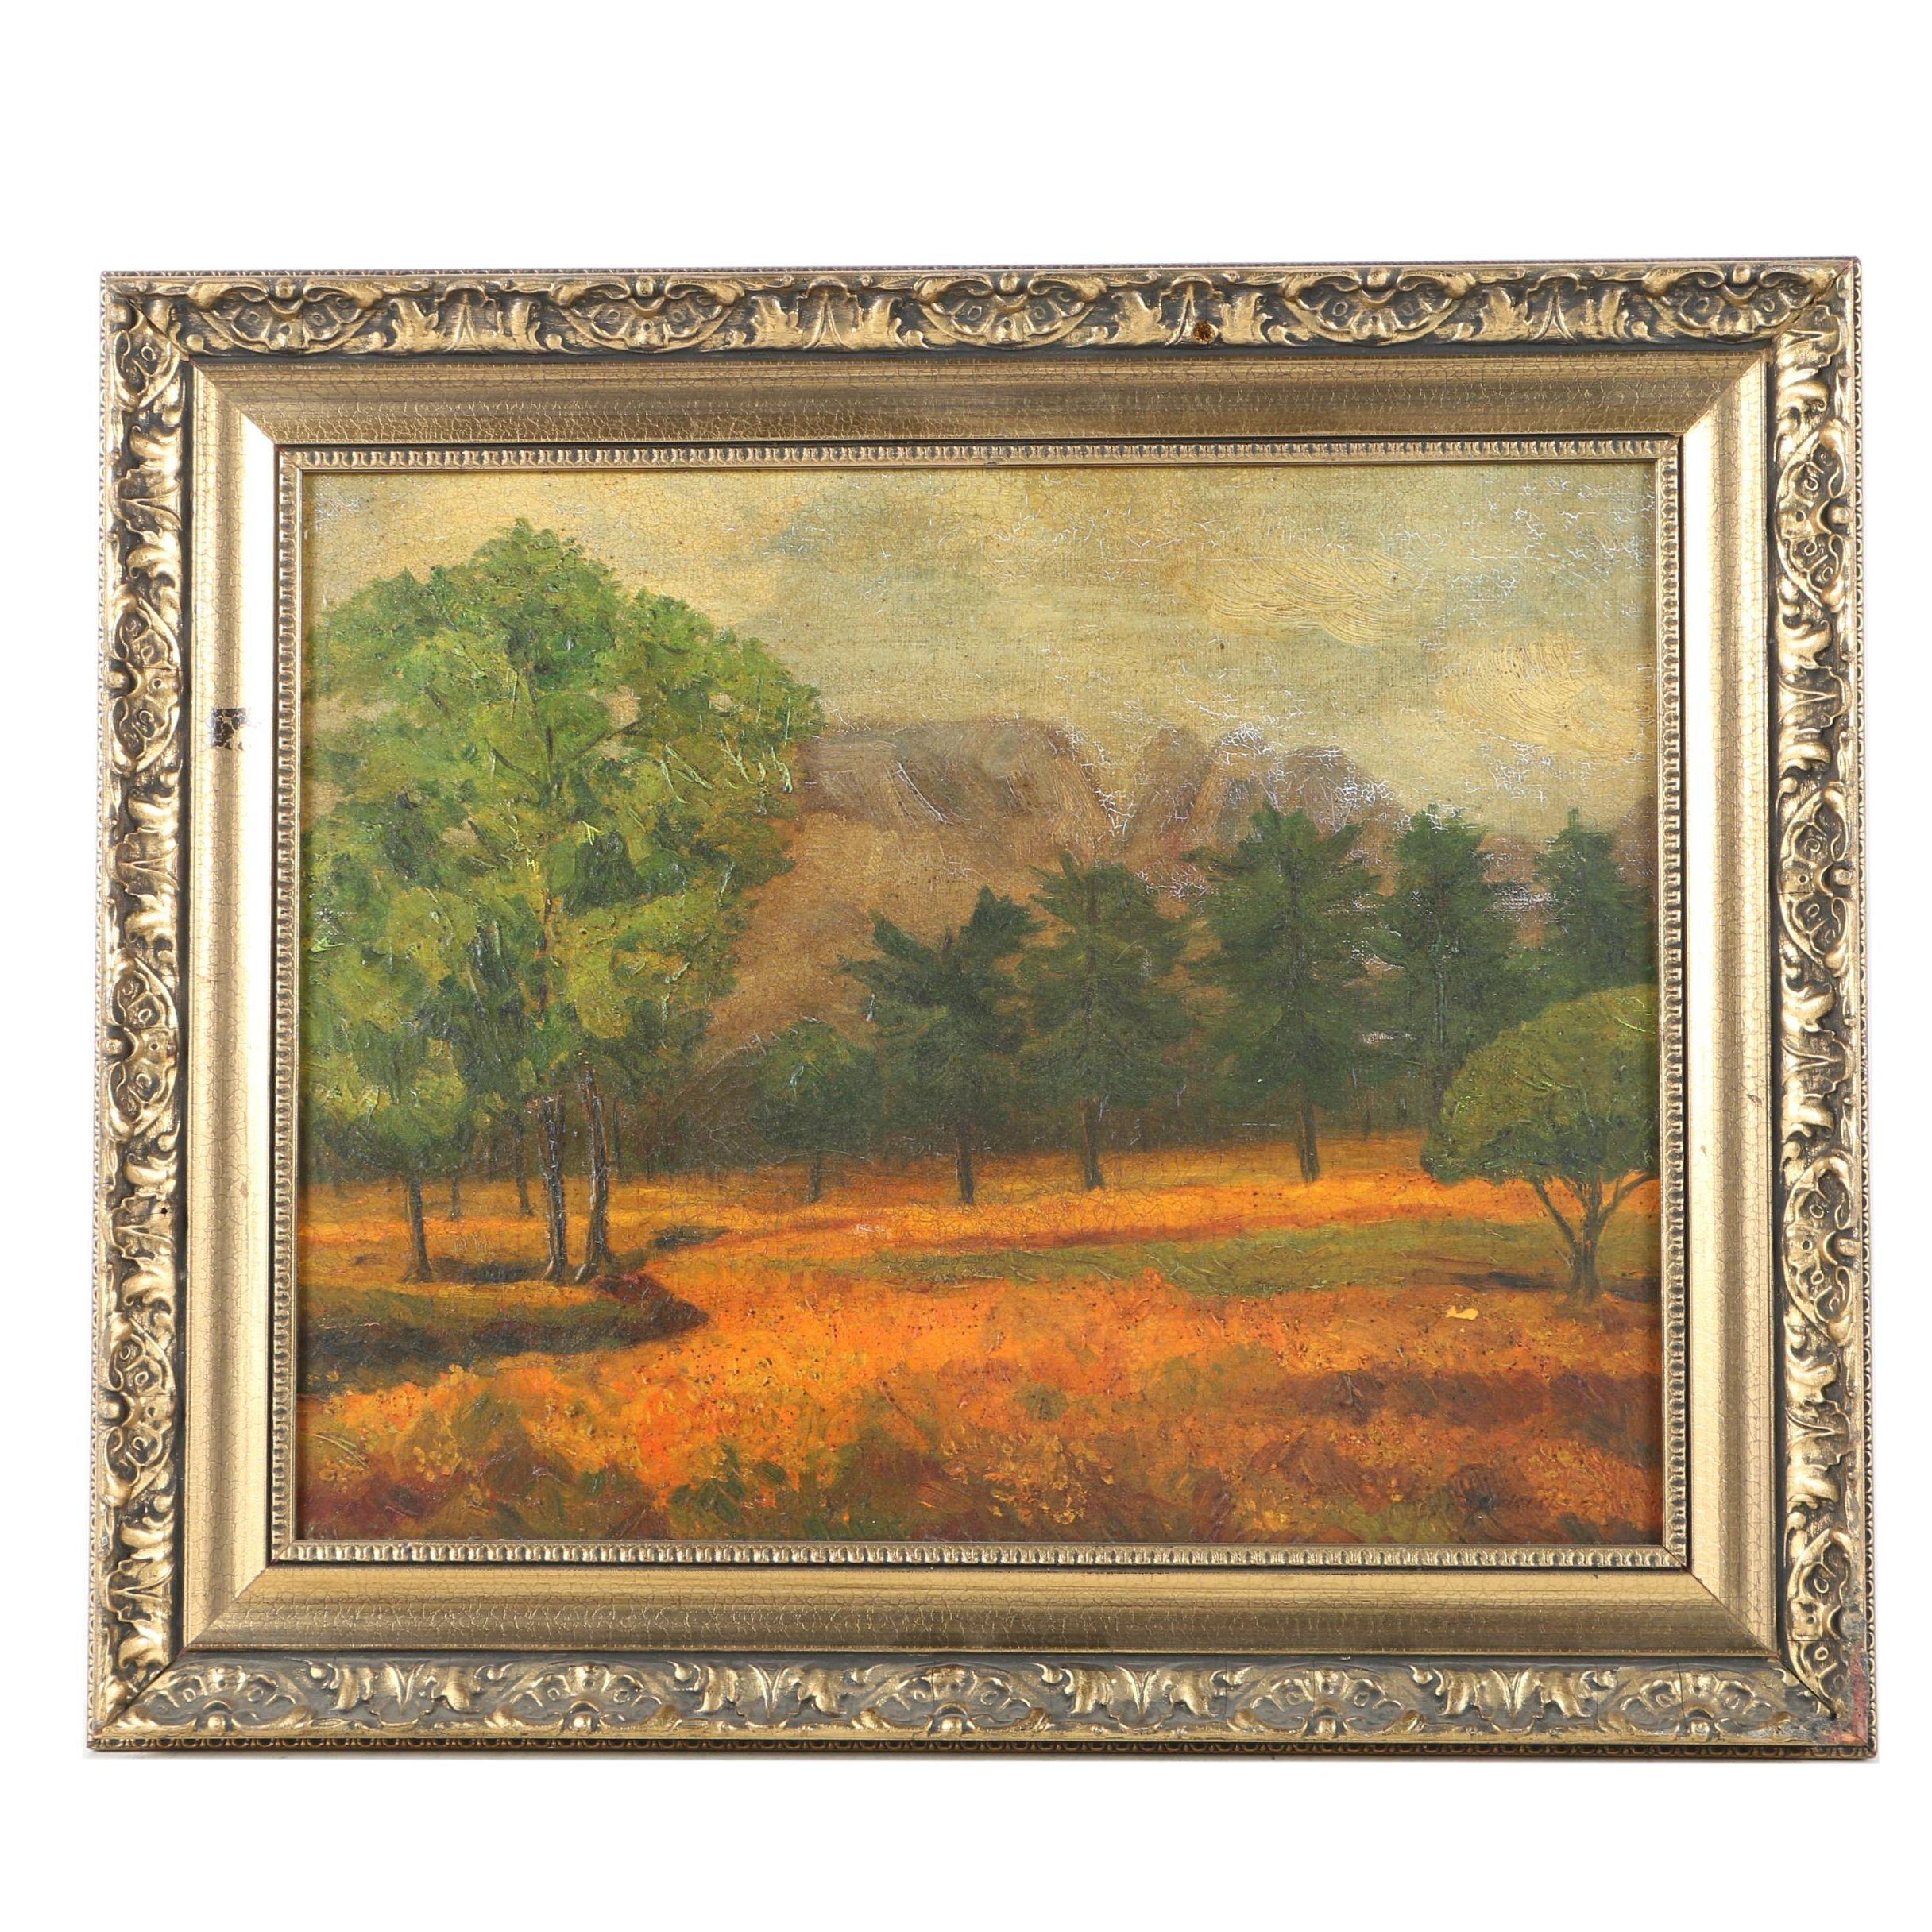 Vintage Signed Oil on Canvas of Landscape